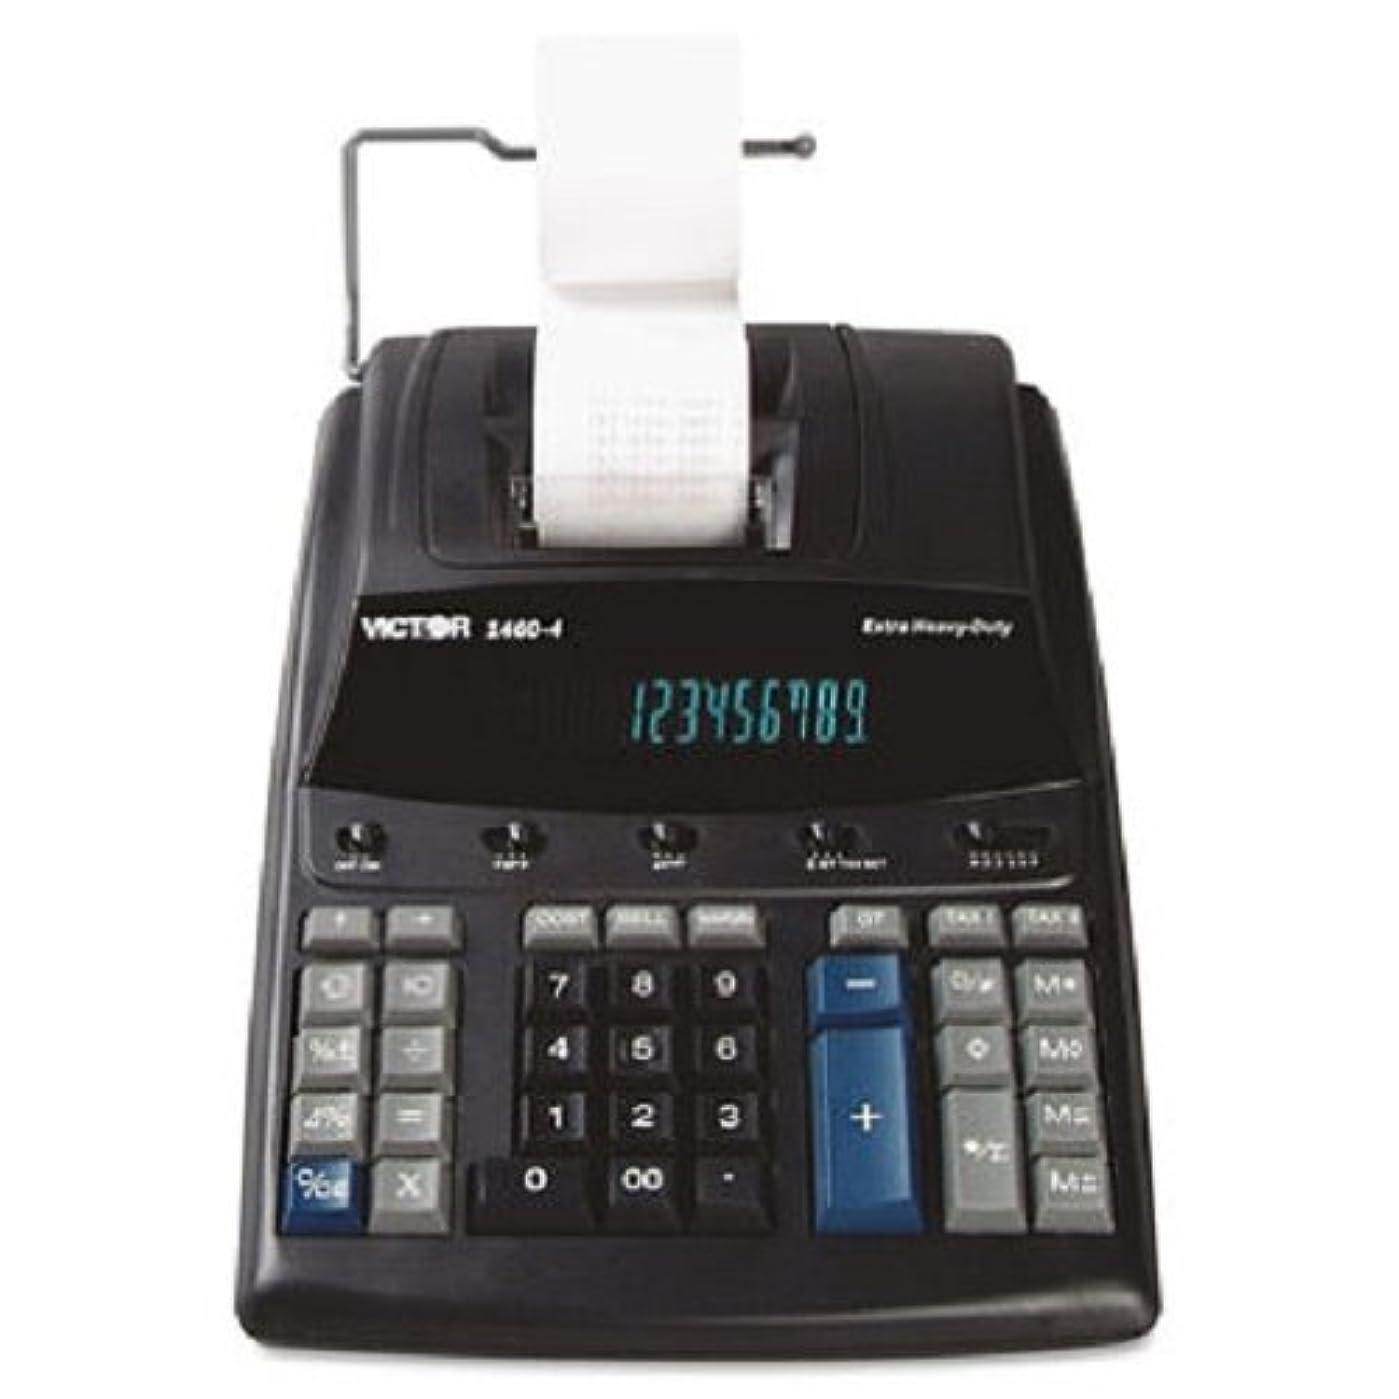 インタビュー飲料ヒューマニスティック1460?–?4?Extra heavy-duty印刷電卓、ブラック/レッド印刷、4.6?Lines / sec 2-Pack